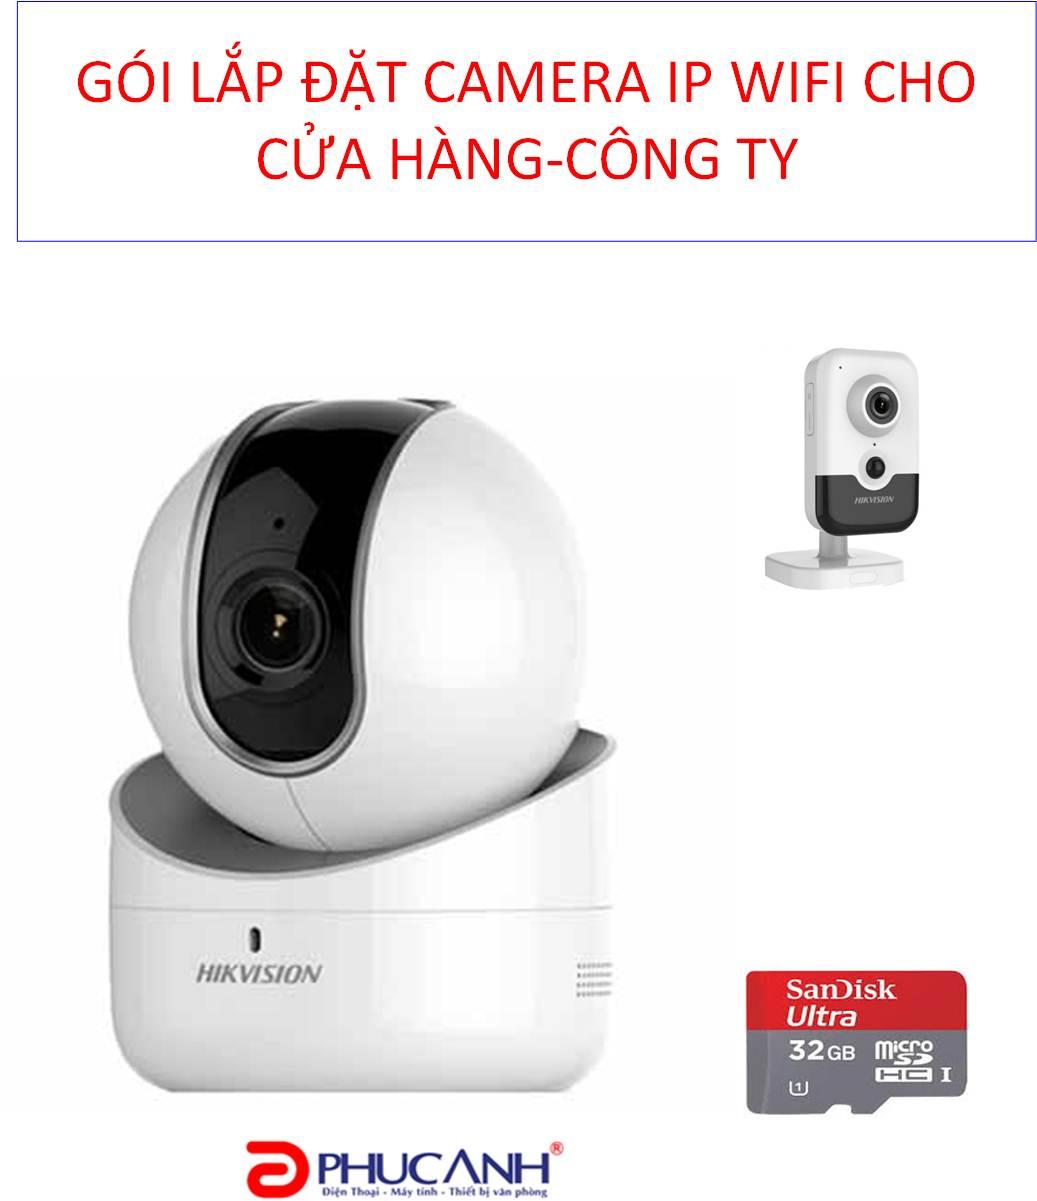 Trọn Gói lắp đặt 02 Camera  IP Wifi cho Cửa hàng-Công ty- Doanh nghiệp